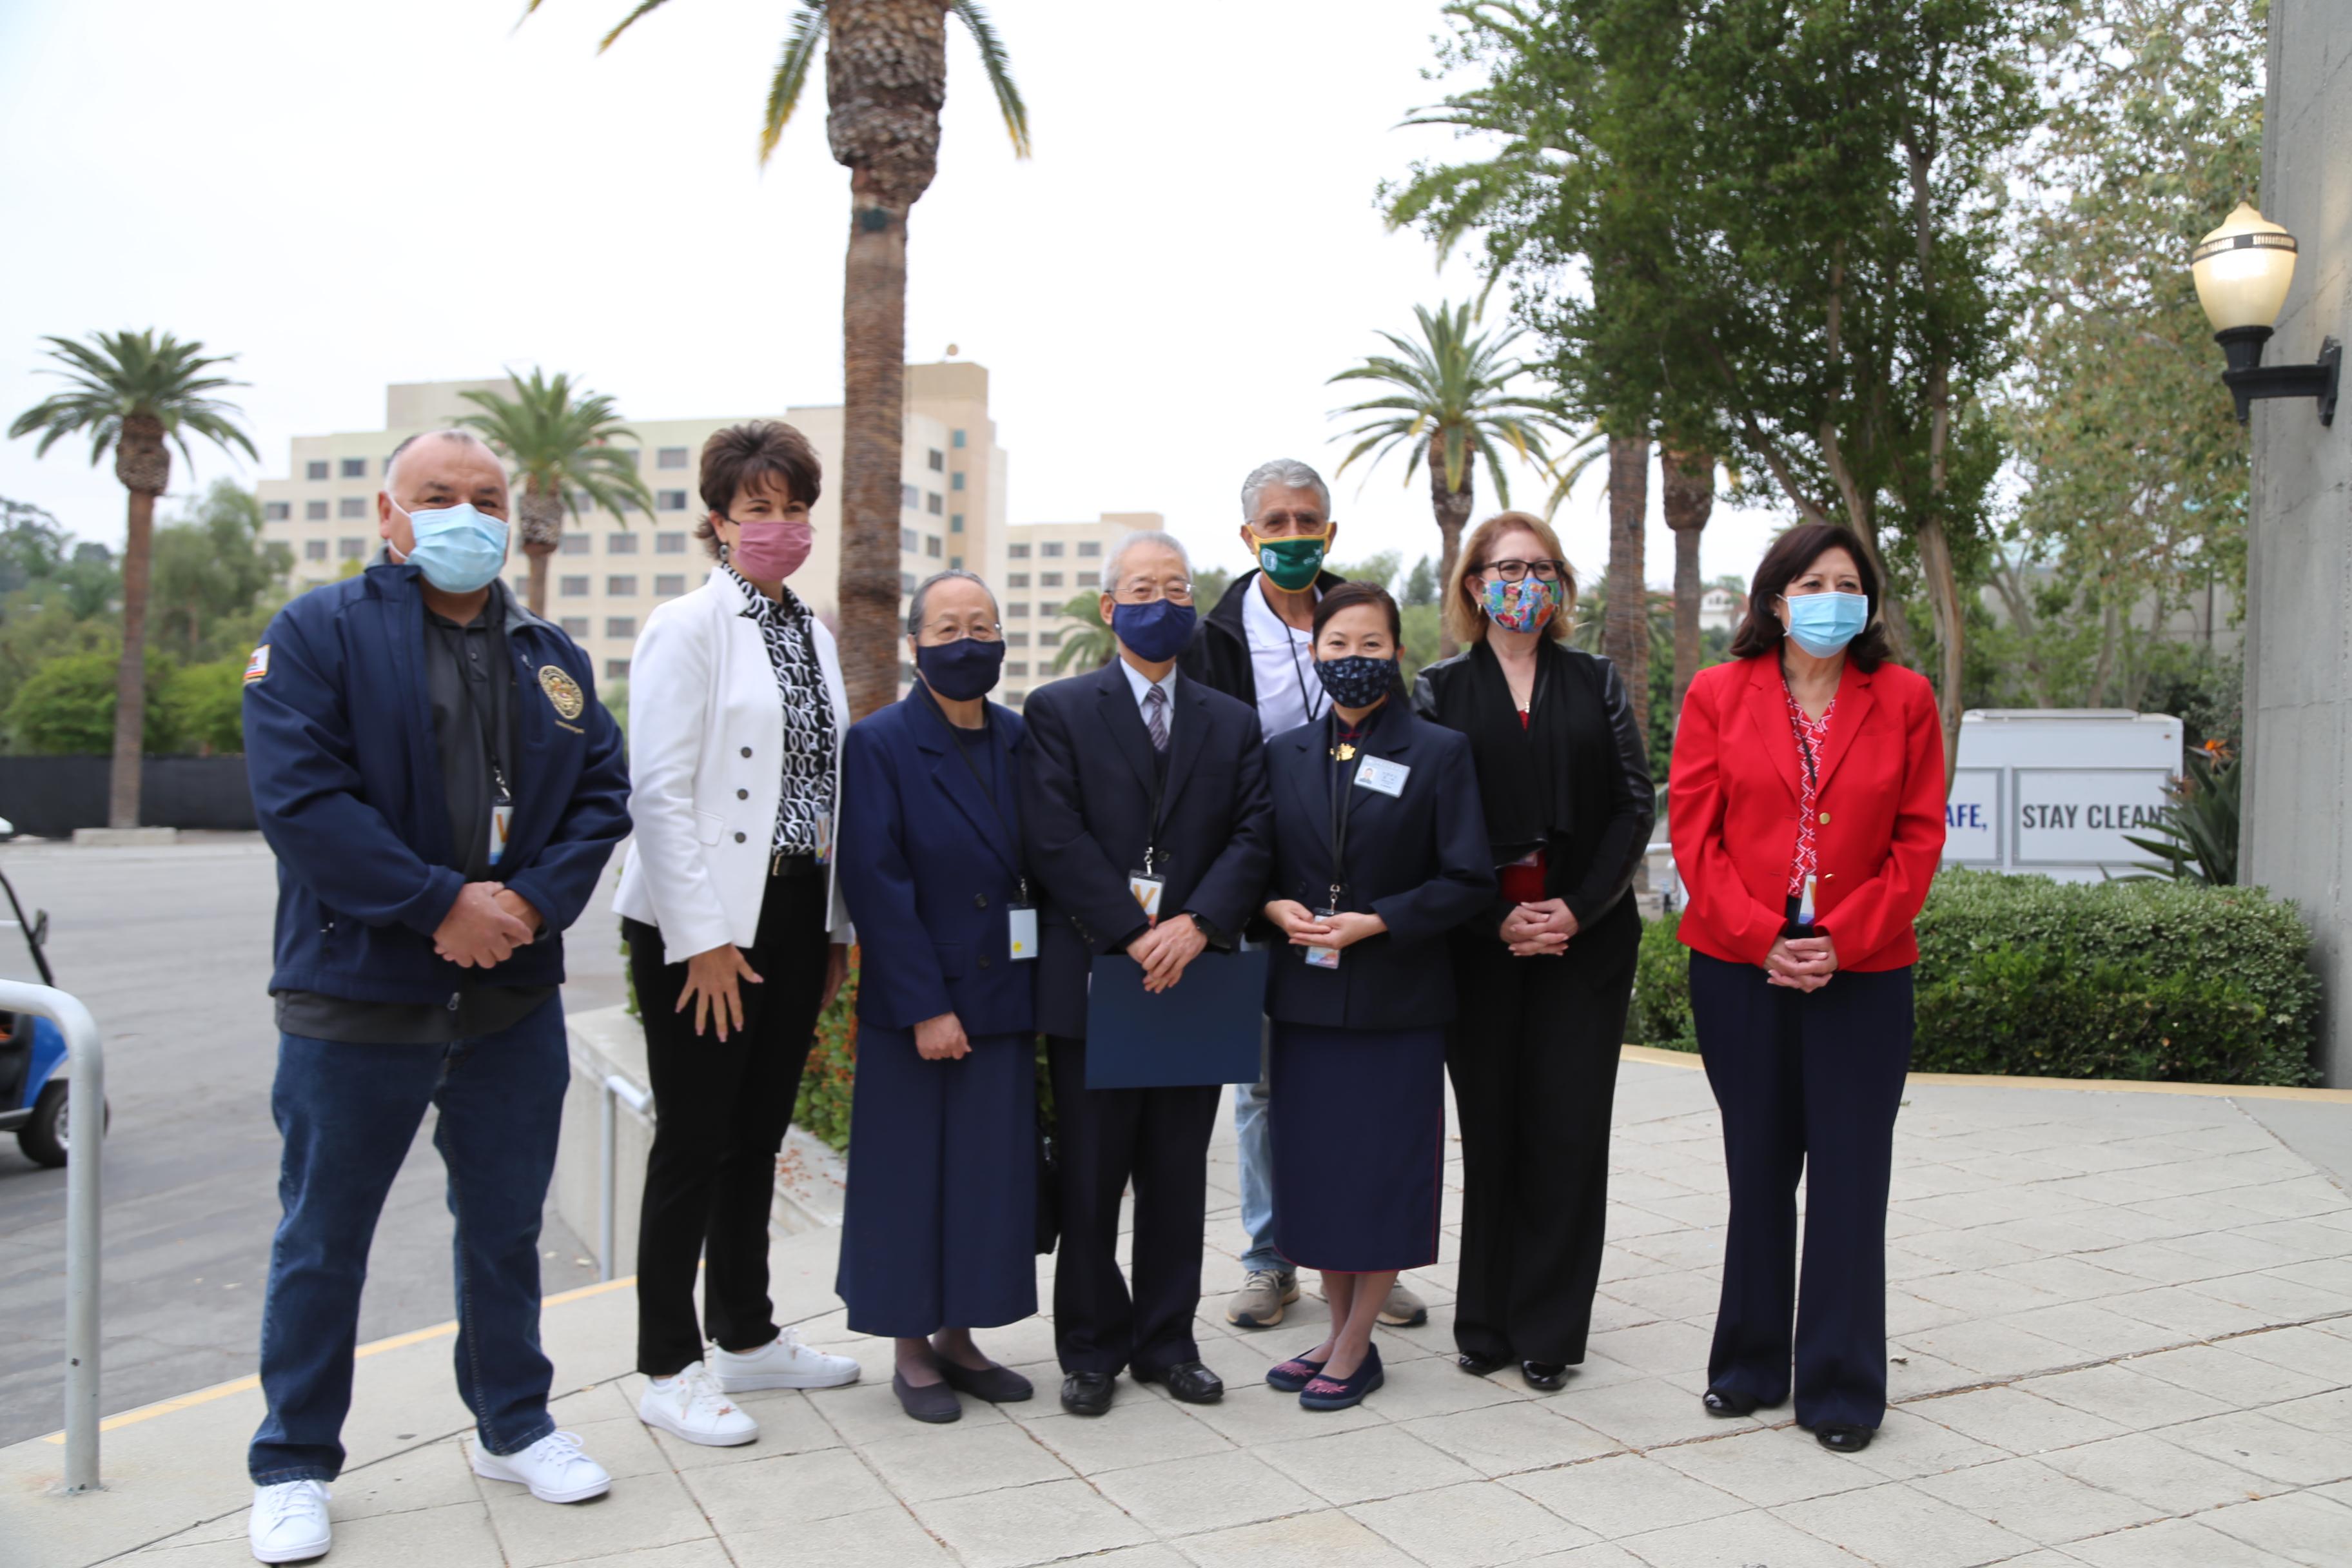 慈濟美國總會執行長陳濟弘(左四)與志工們,受邀與加州參議員康妮·雷娃(左二)、洛杉磯縣政委員會主席蘇麗絲(右一)、加州眾議院多數黨領袖艾洛伊斯·雷耶斯(右二)、加州眾議員弗雷迪·羅德里格斯(左一)前往關懷移民兒童。